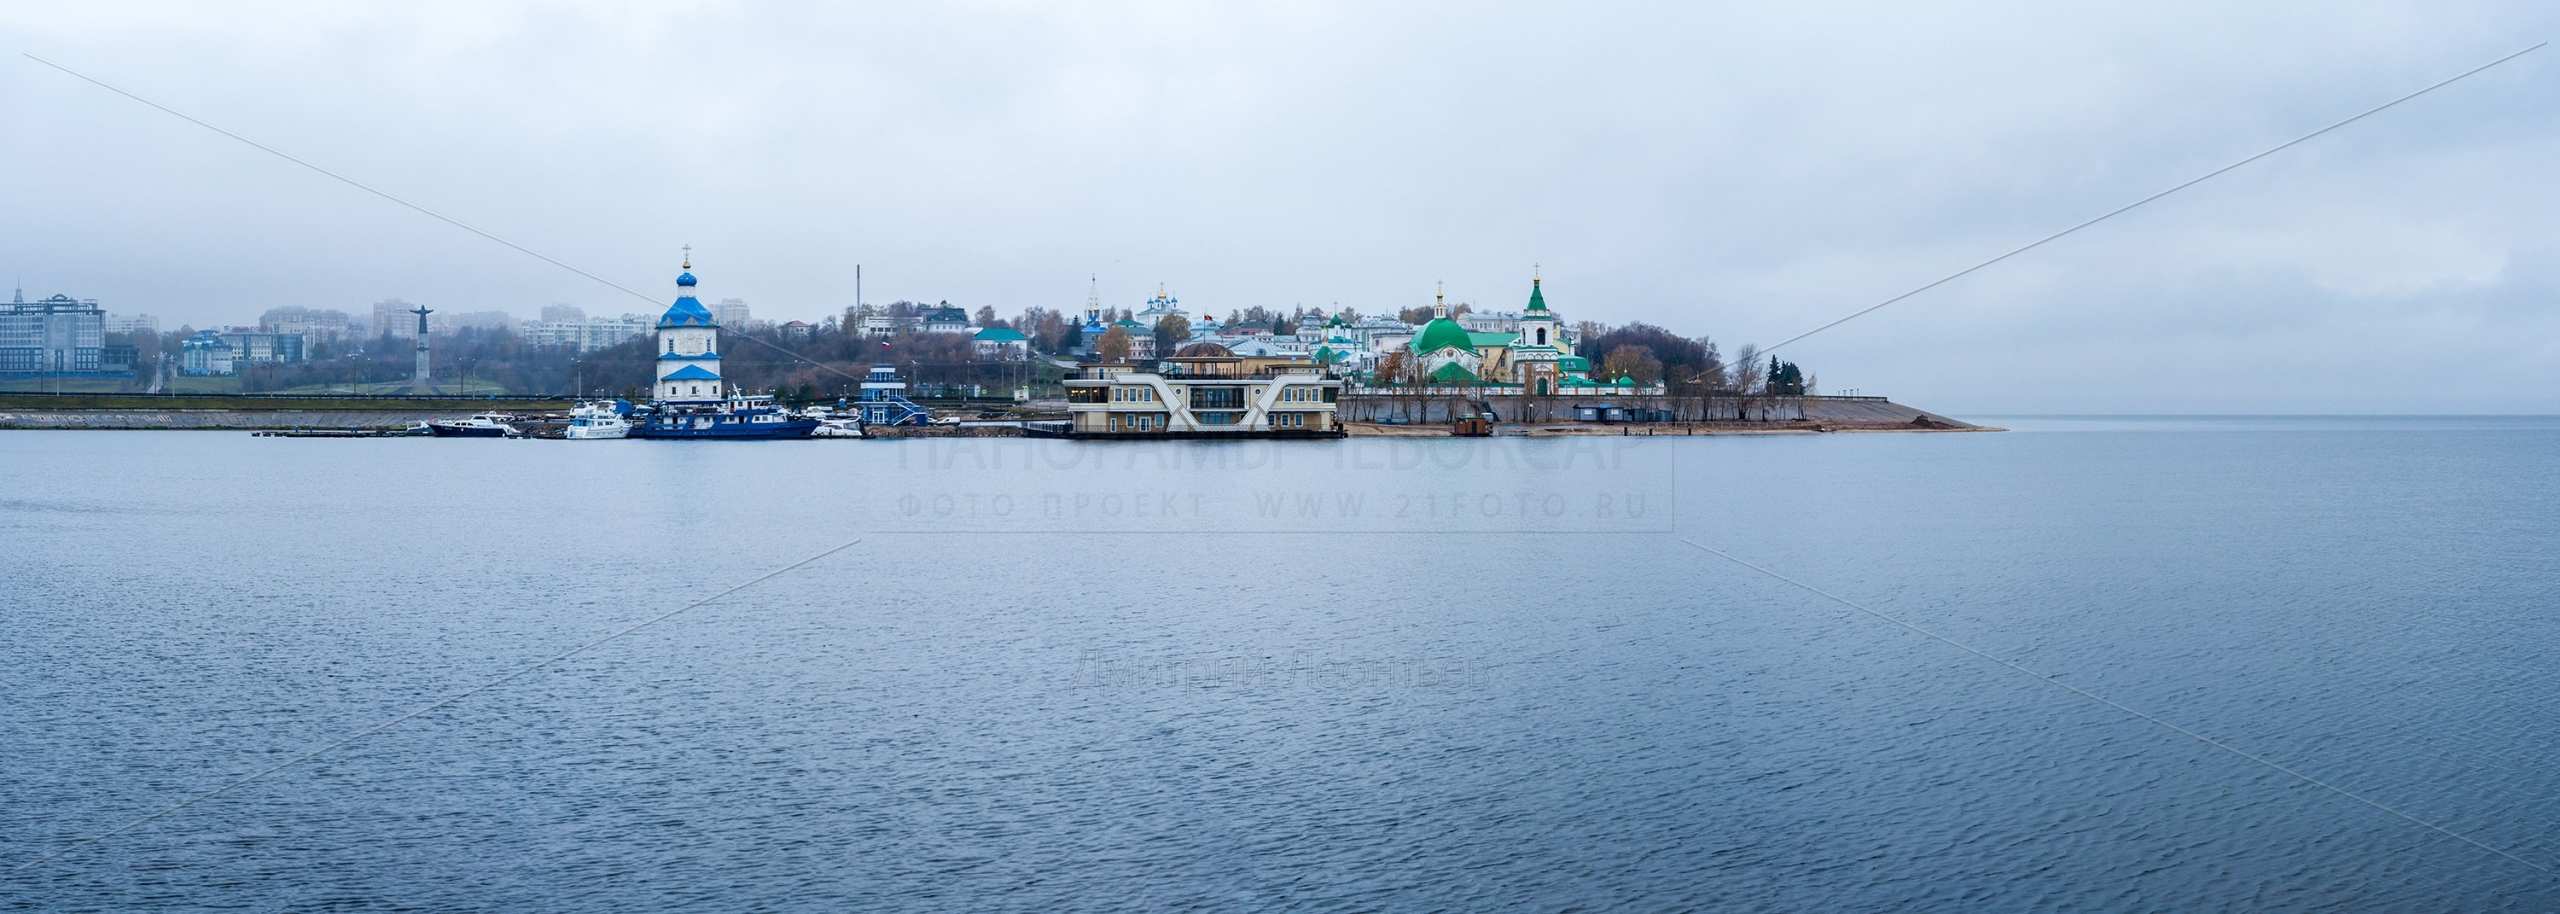 Осень в Чебоксарской бухте